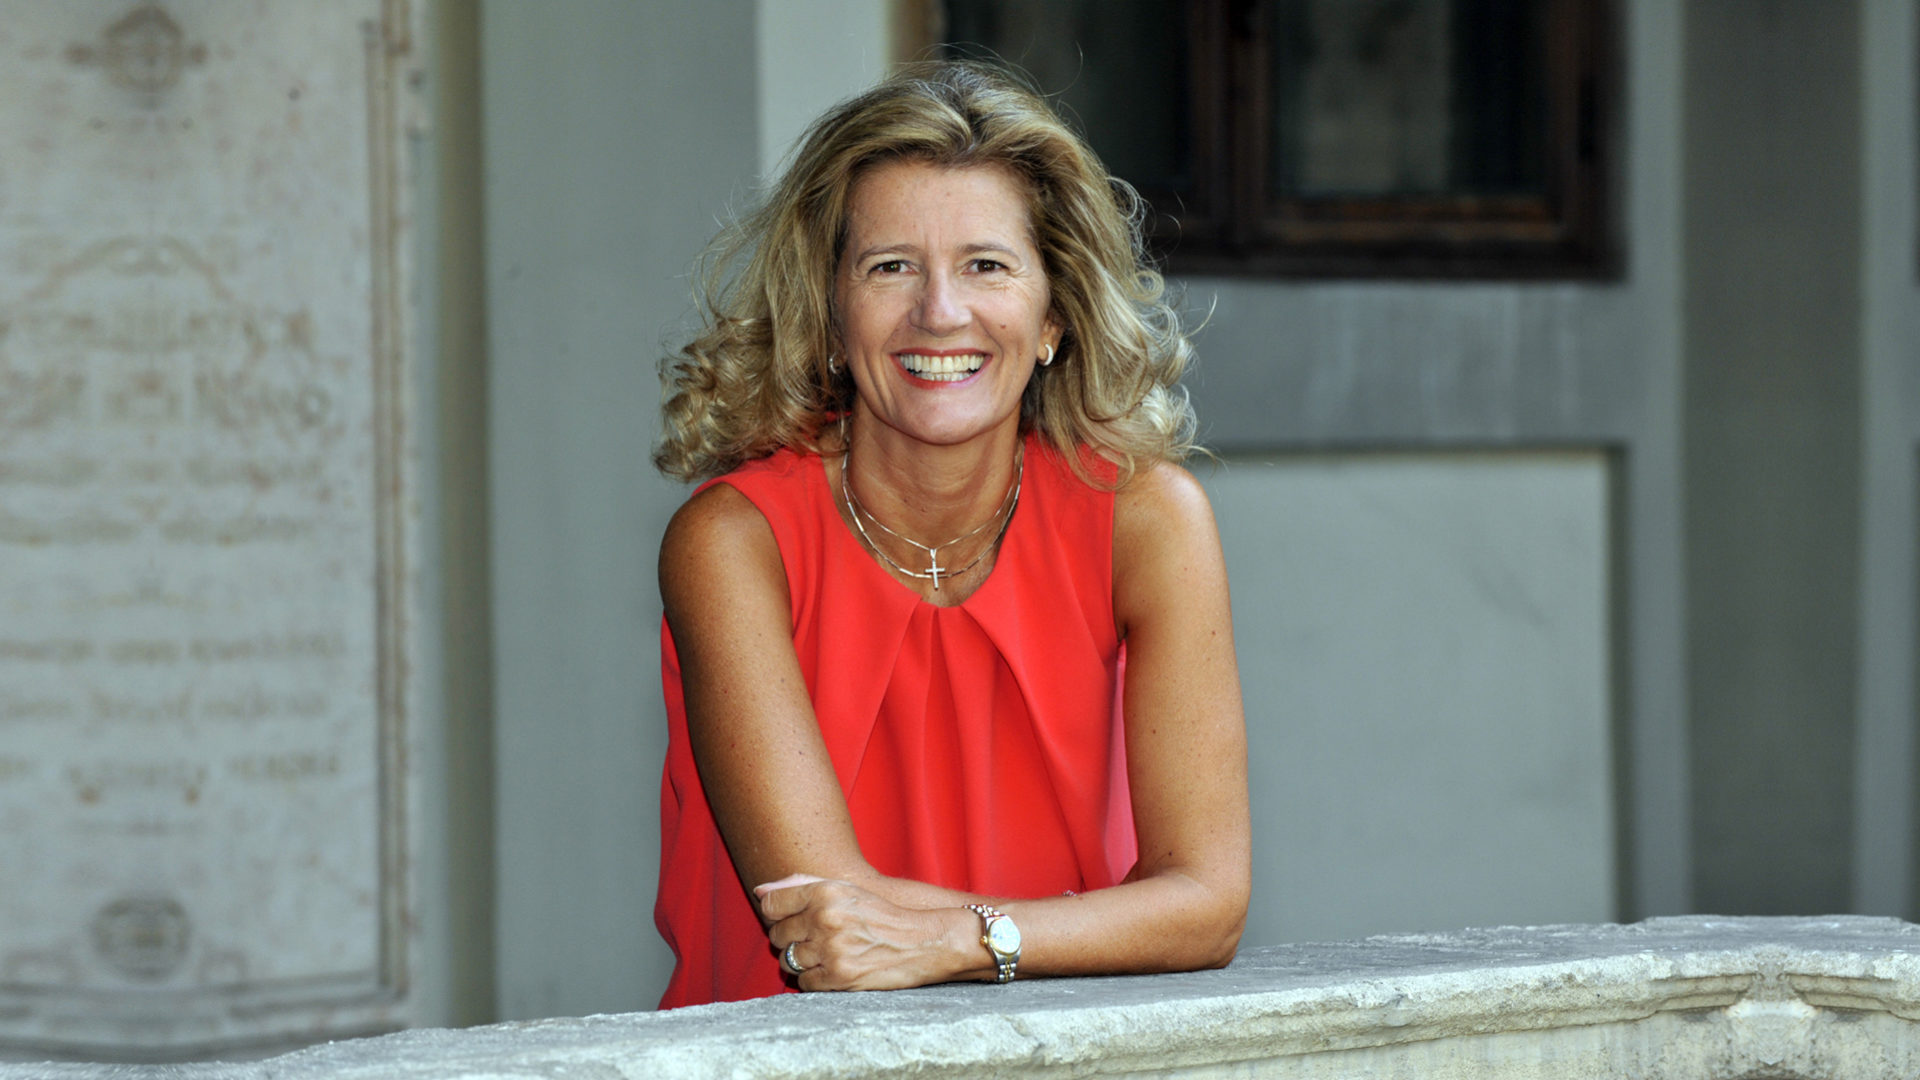 Intervista Roberta Cocco: l'assessora tech che ha digitalizzato il Comune di Milano | podcast thumbnail